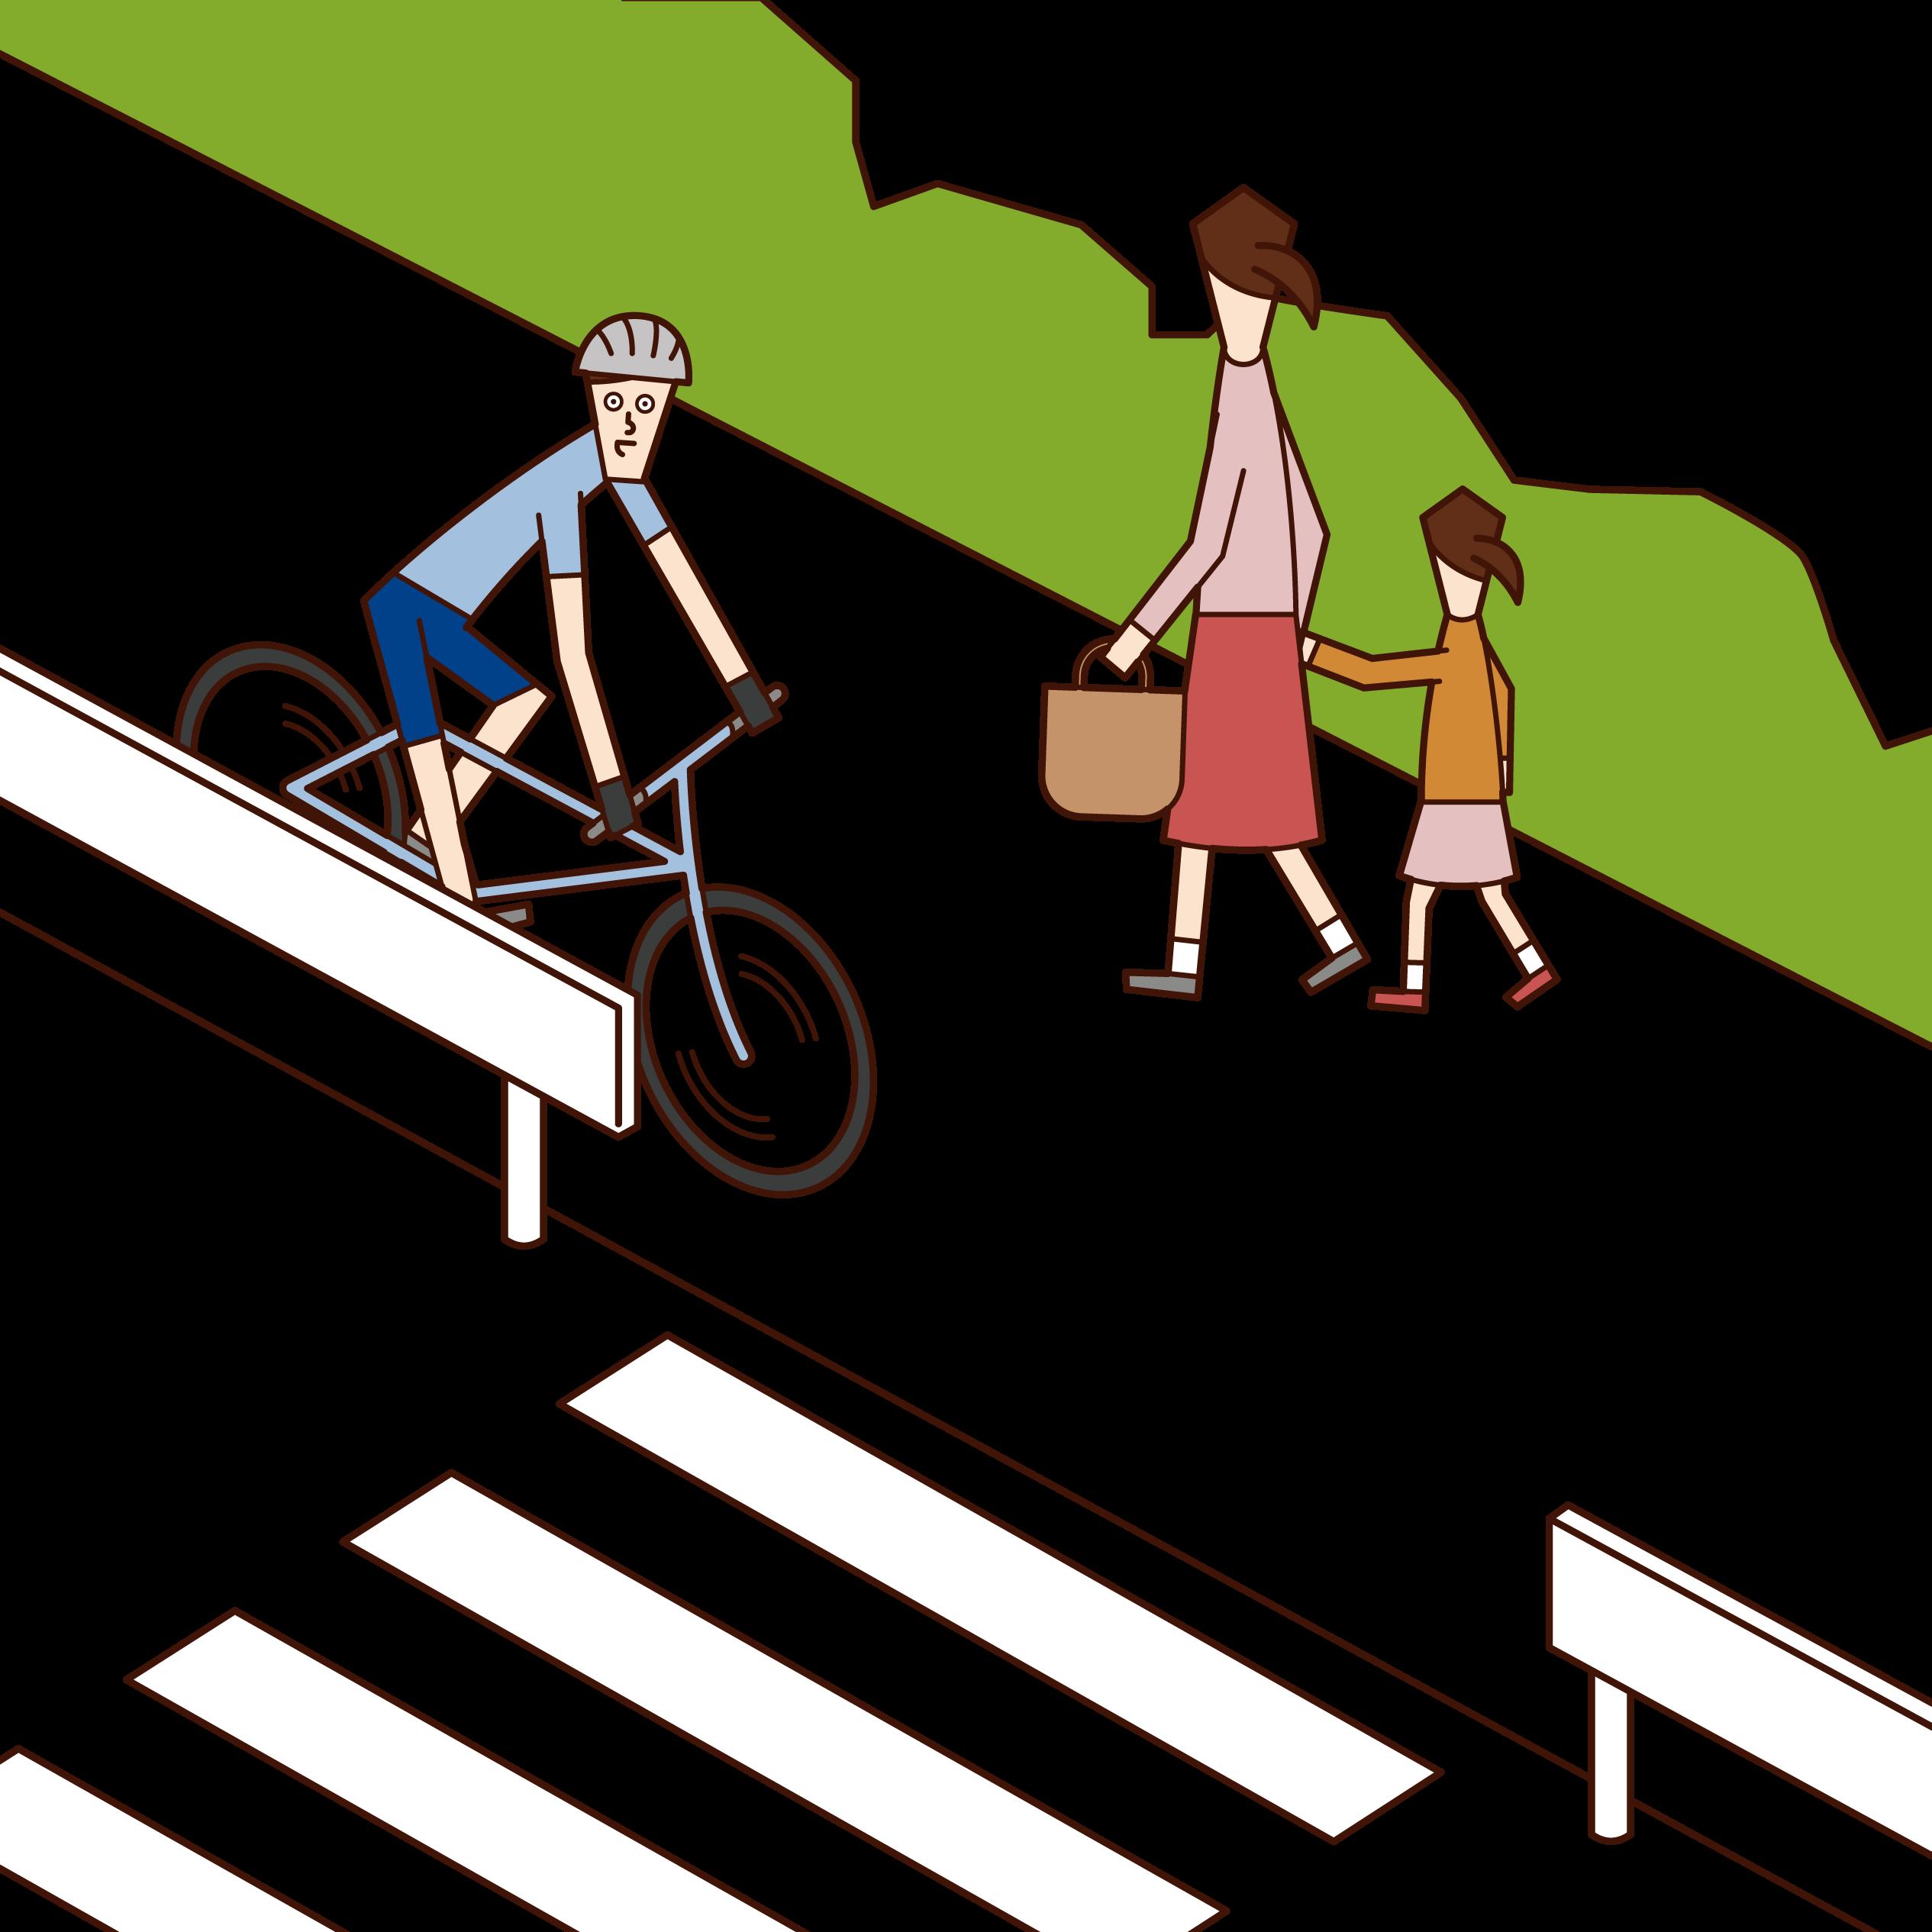 歩行者を優先して歩道を走る自転車乗り(男性)のイラスト